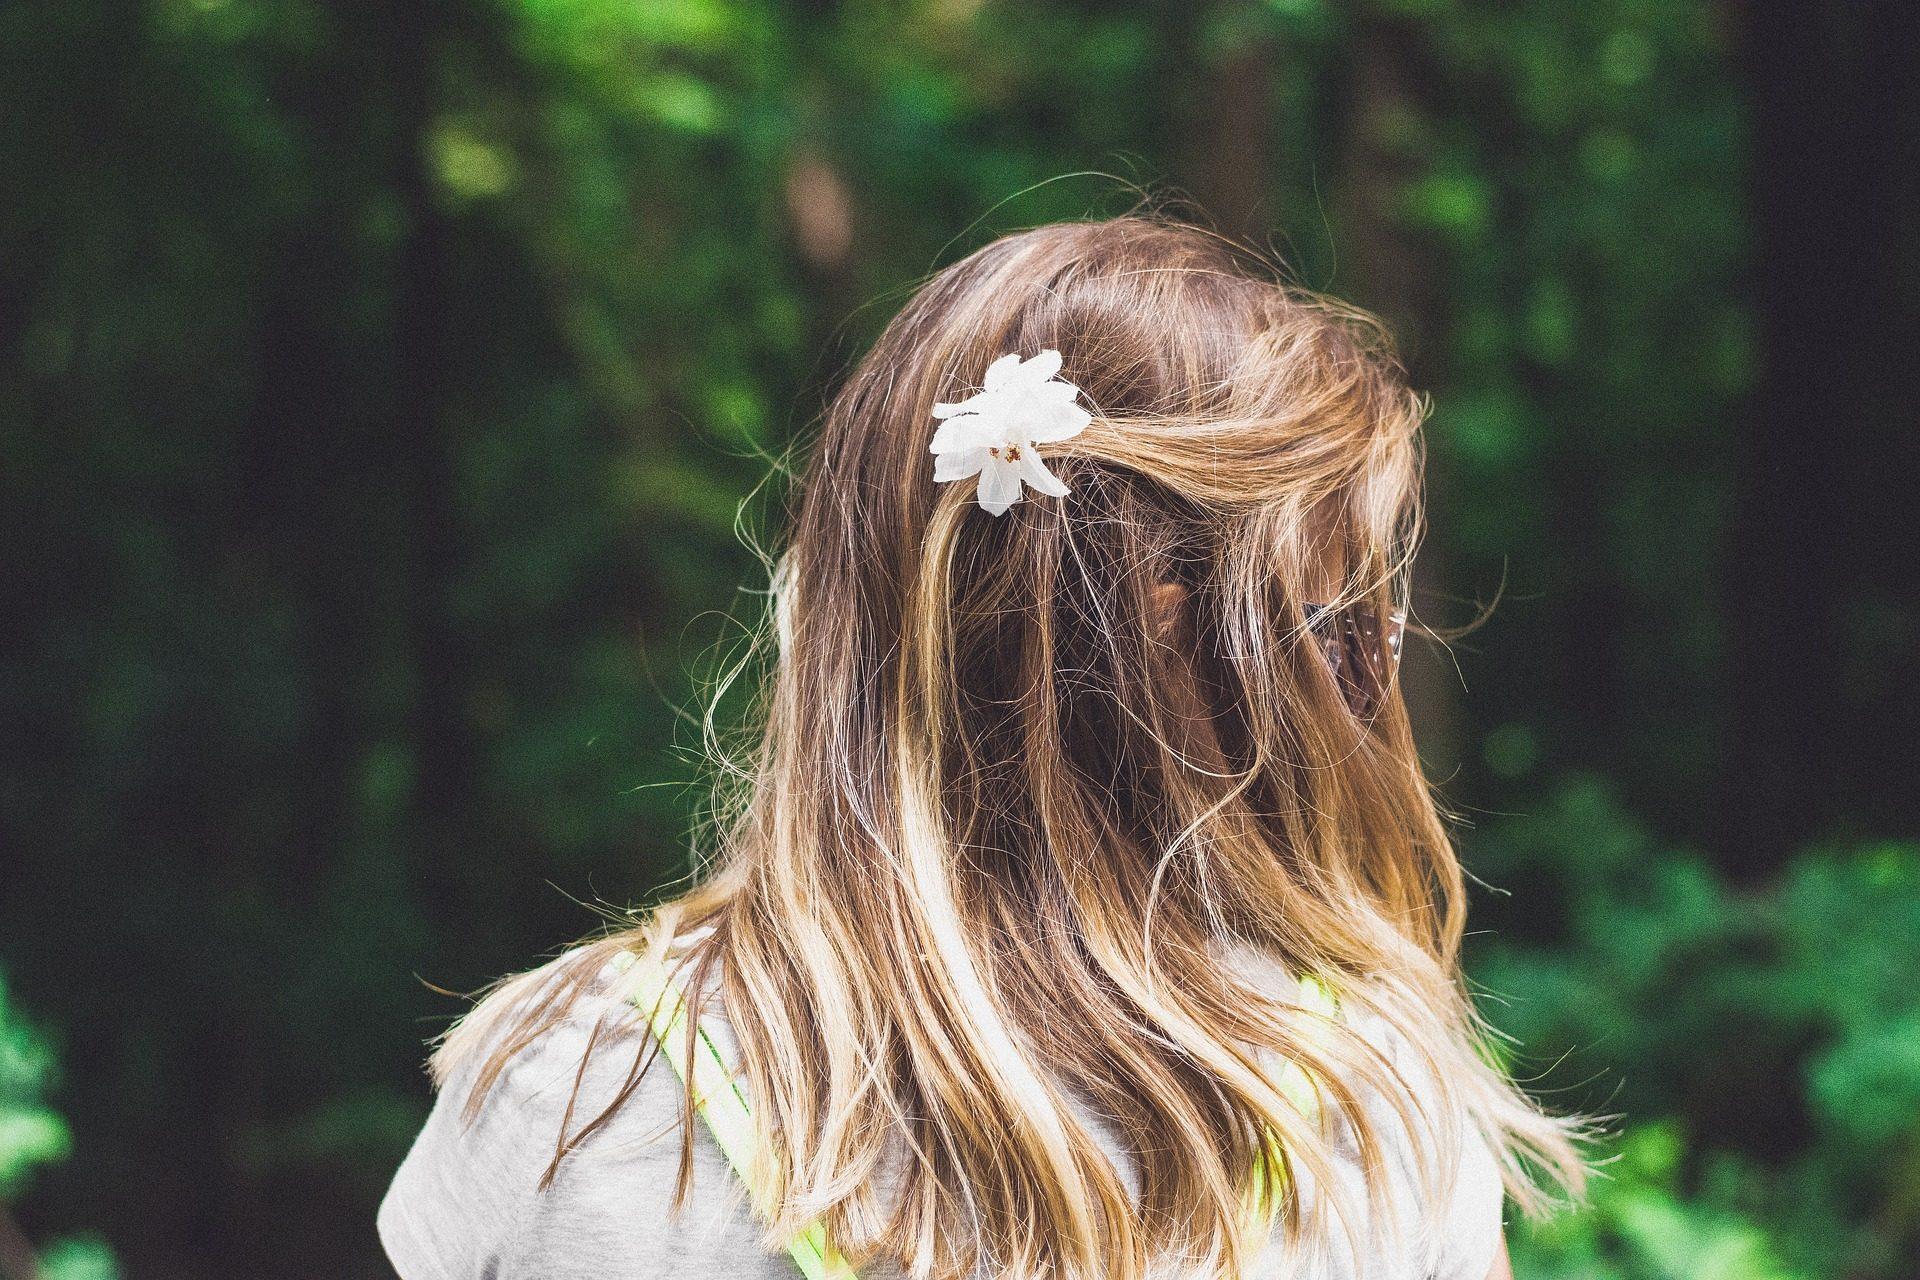 امرأة, pelo, الشعر, تسريحه, زهرة, الغابات - خلفيات عالية الدقة - أستاذ falken.com